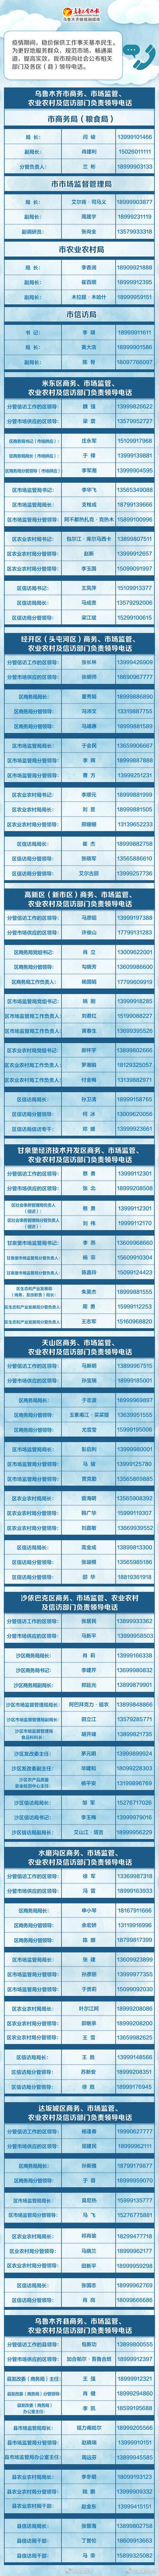 杏悦:市商务市场监管农业农村及信杏悦图片